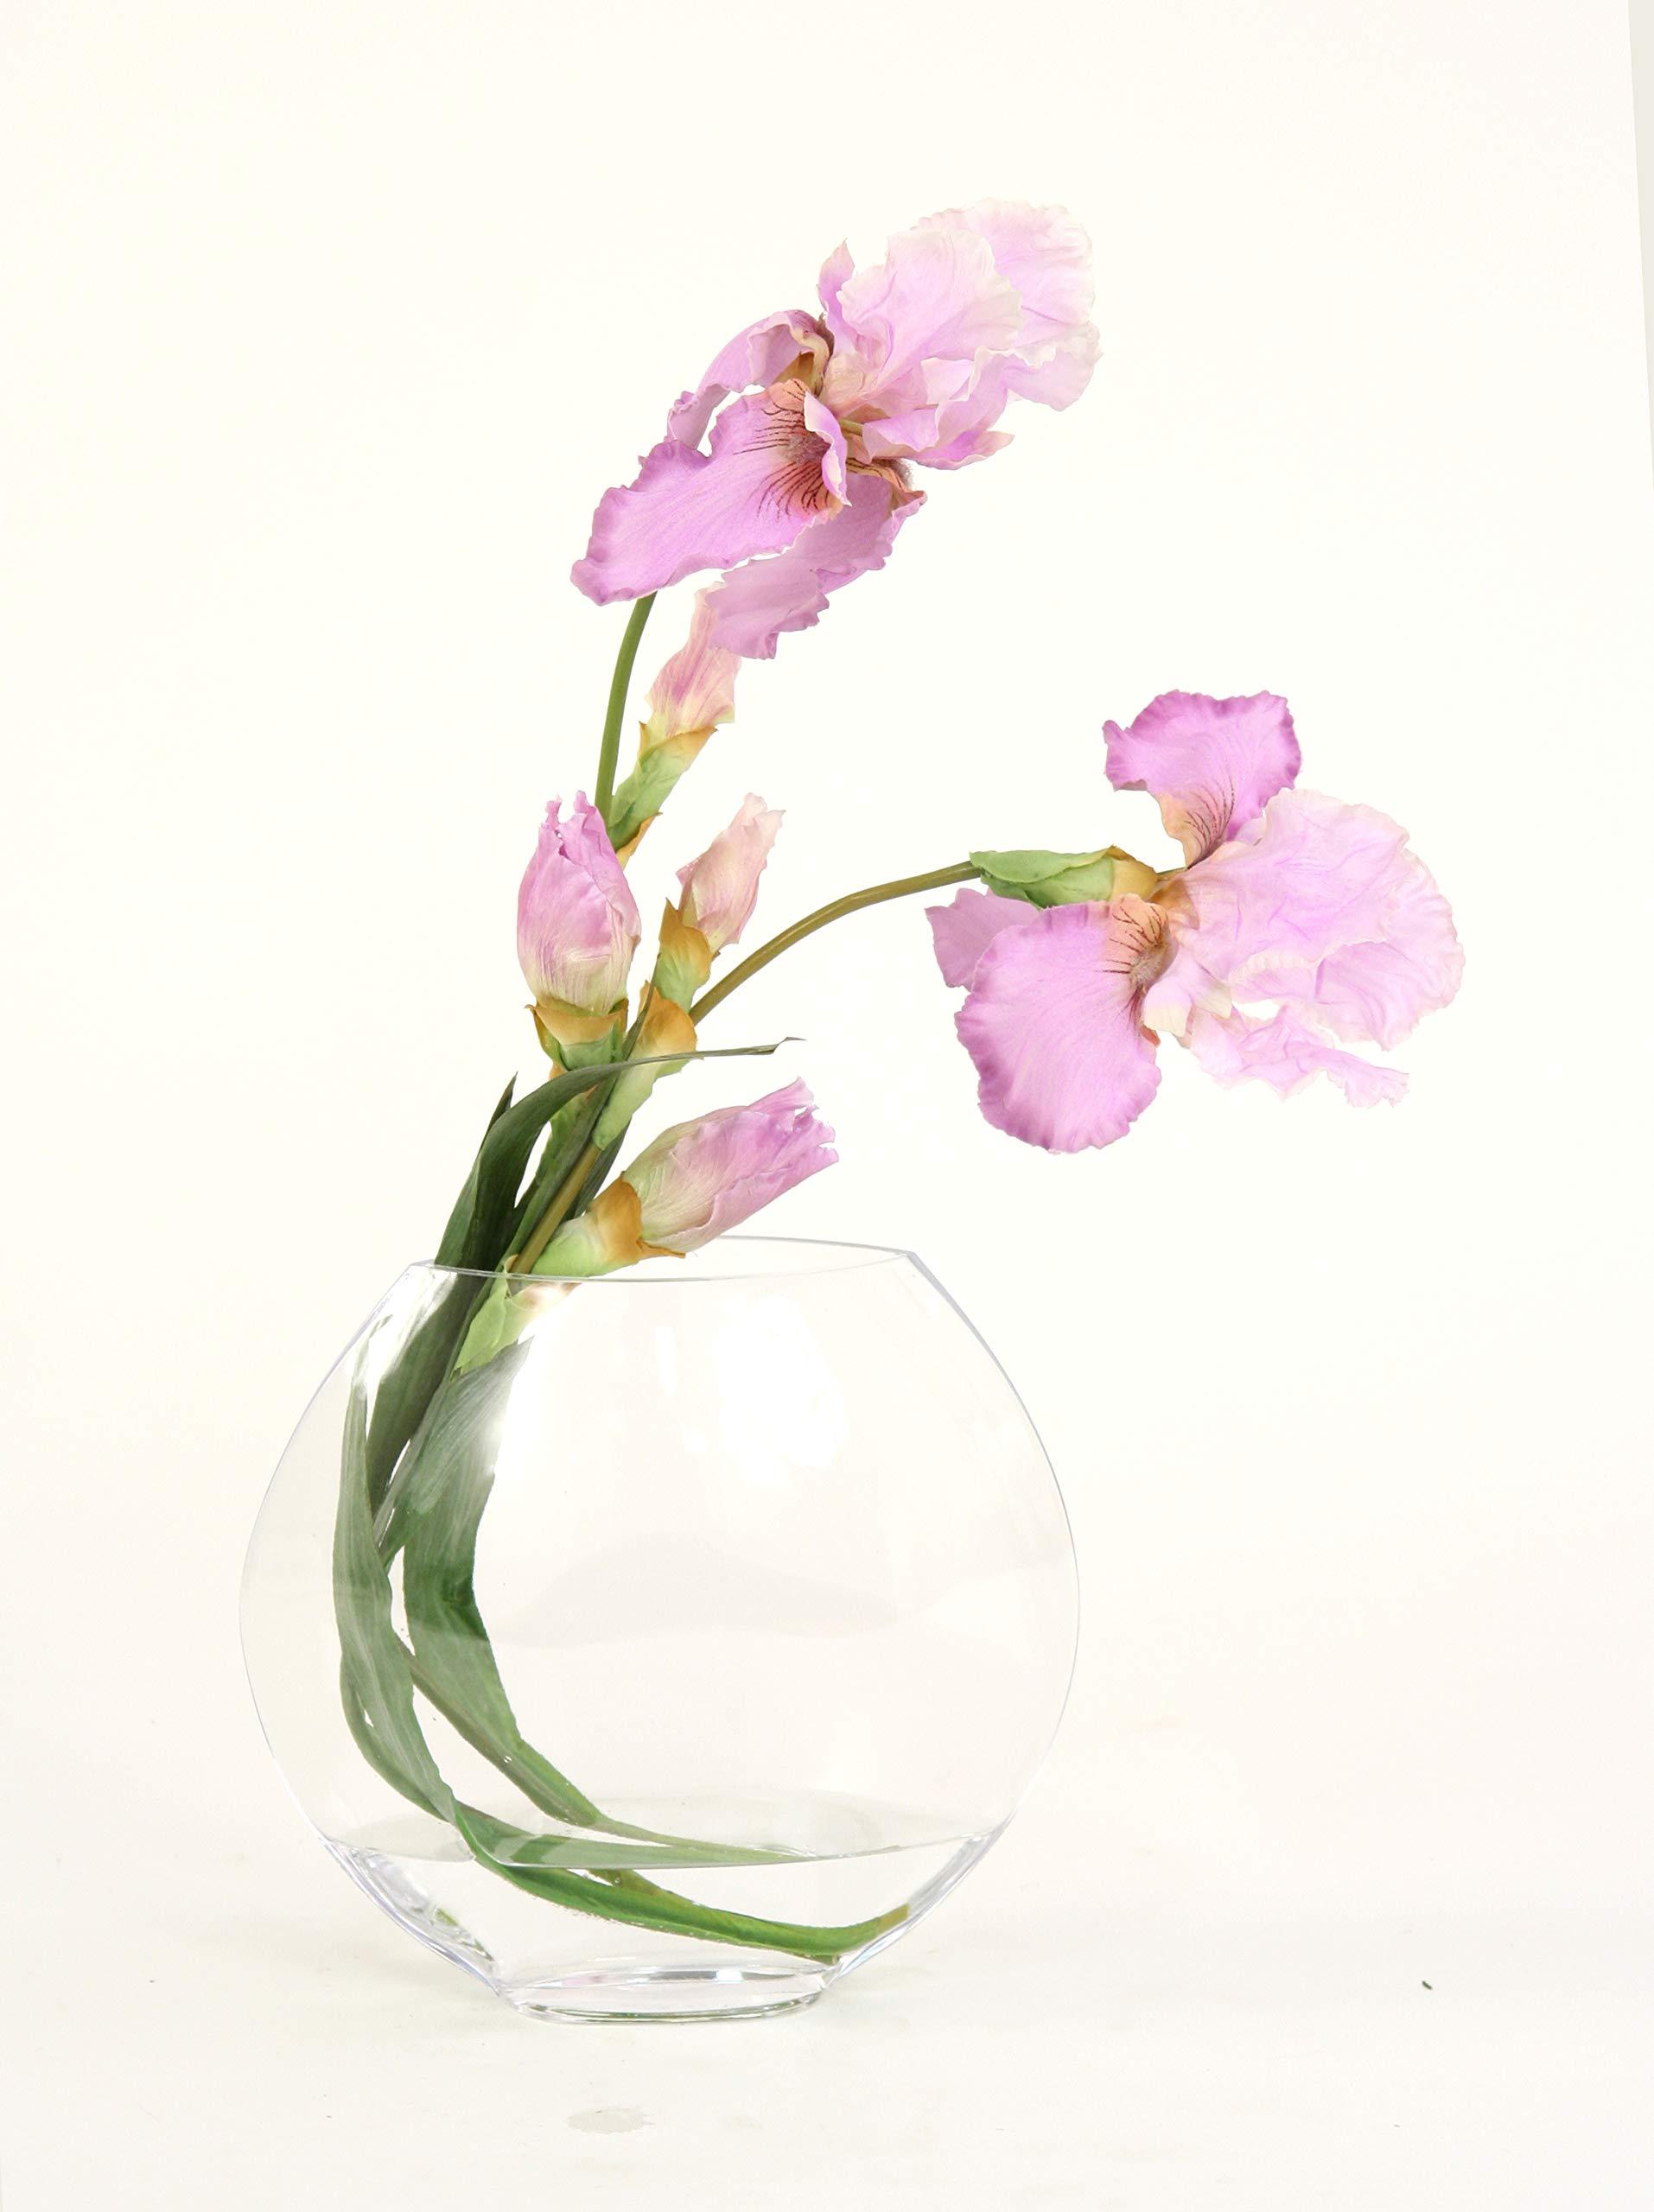 Distinctive-Designs-Waterlook-Lavender-Iris-in-Elliptical-Disc-Vase